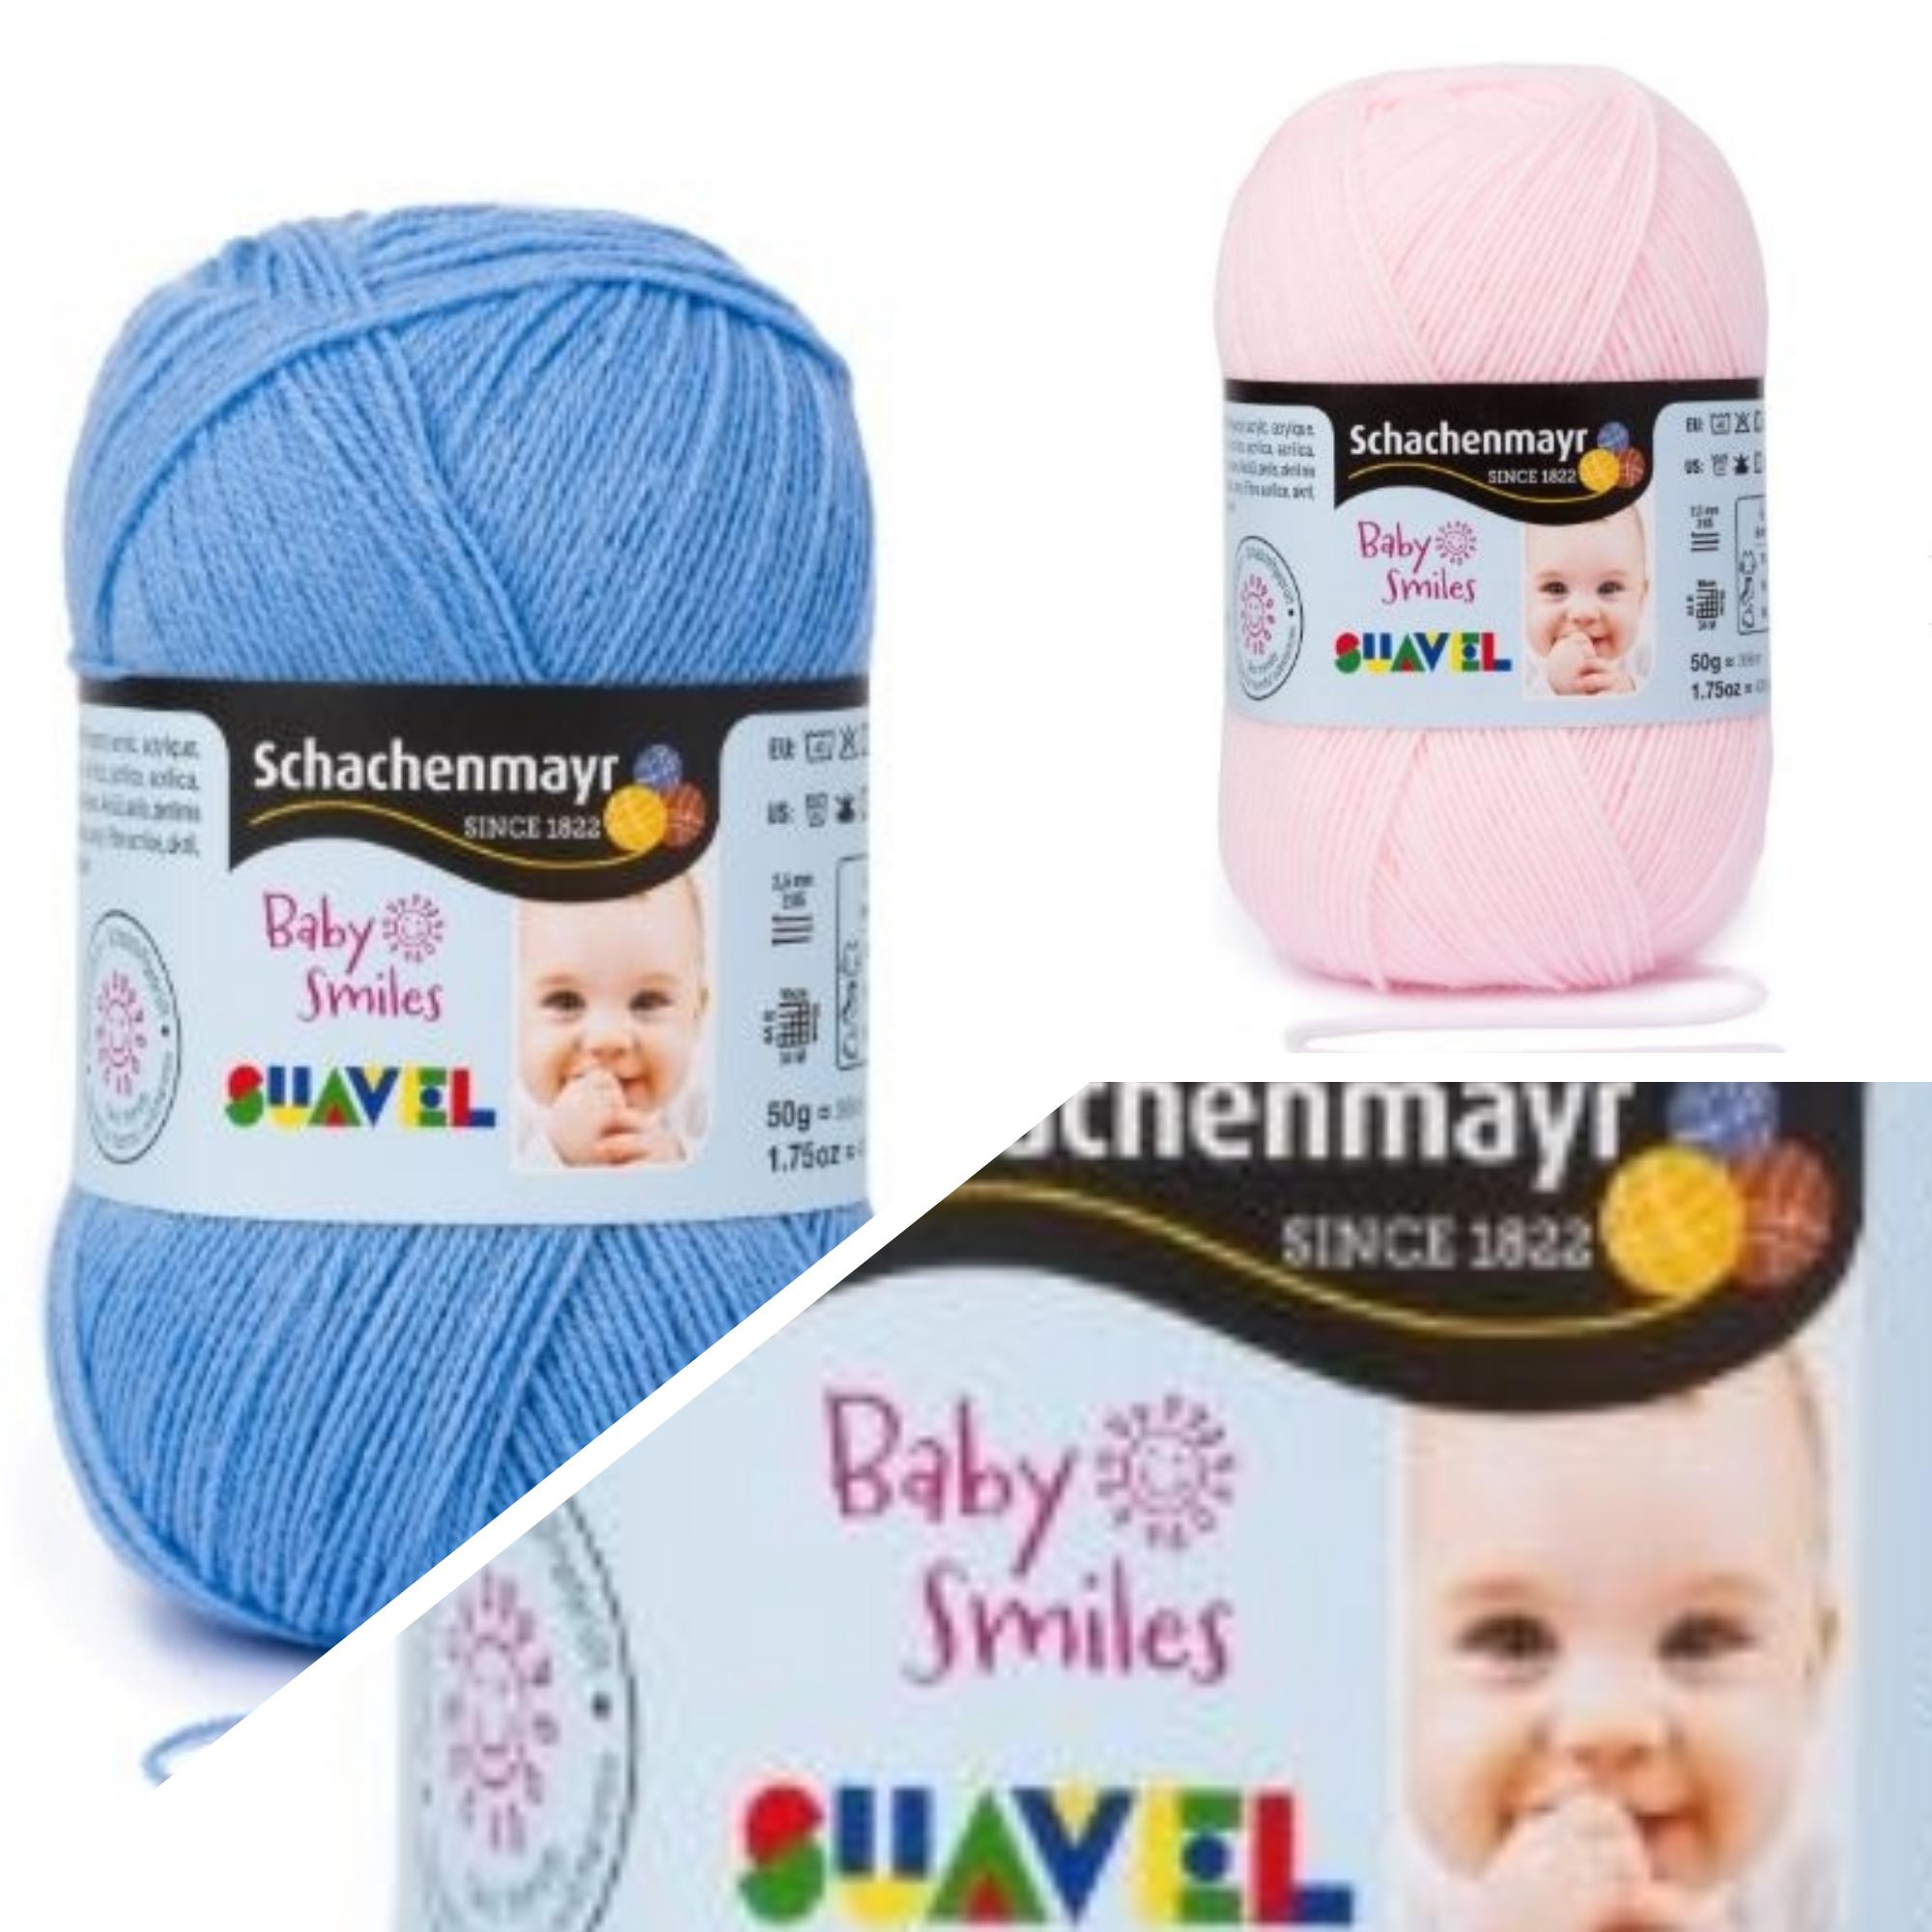 suavel lana bebe